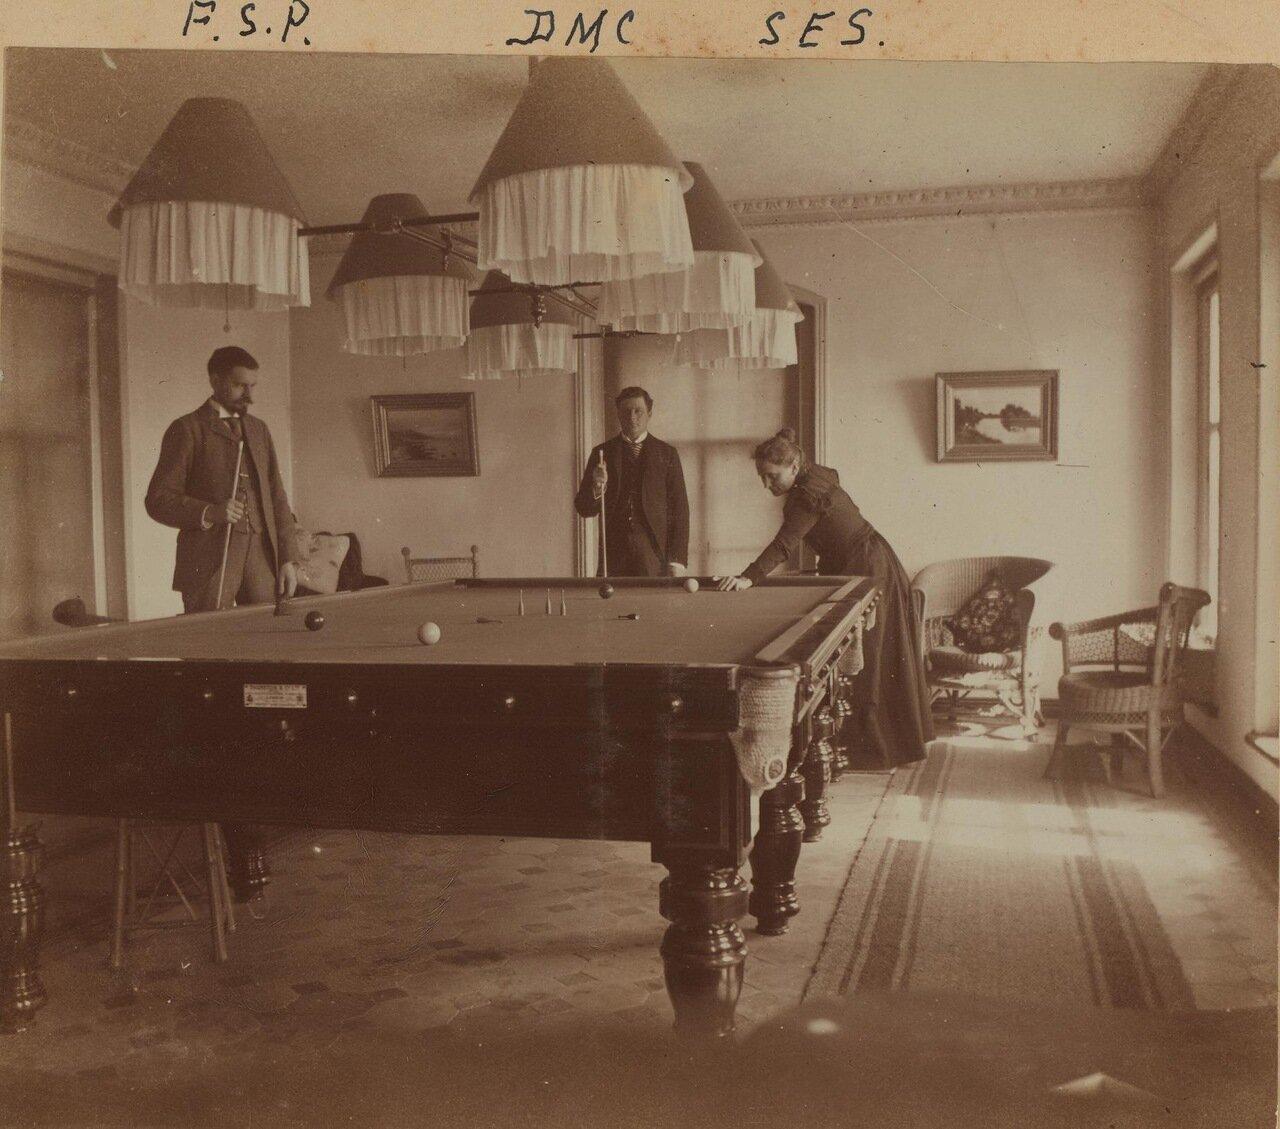 Фредерик С. Прэй, Дэвид М. Кларксон и Сара Смит за бильярдным столом в доме Смита 20 января 1898 года